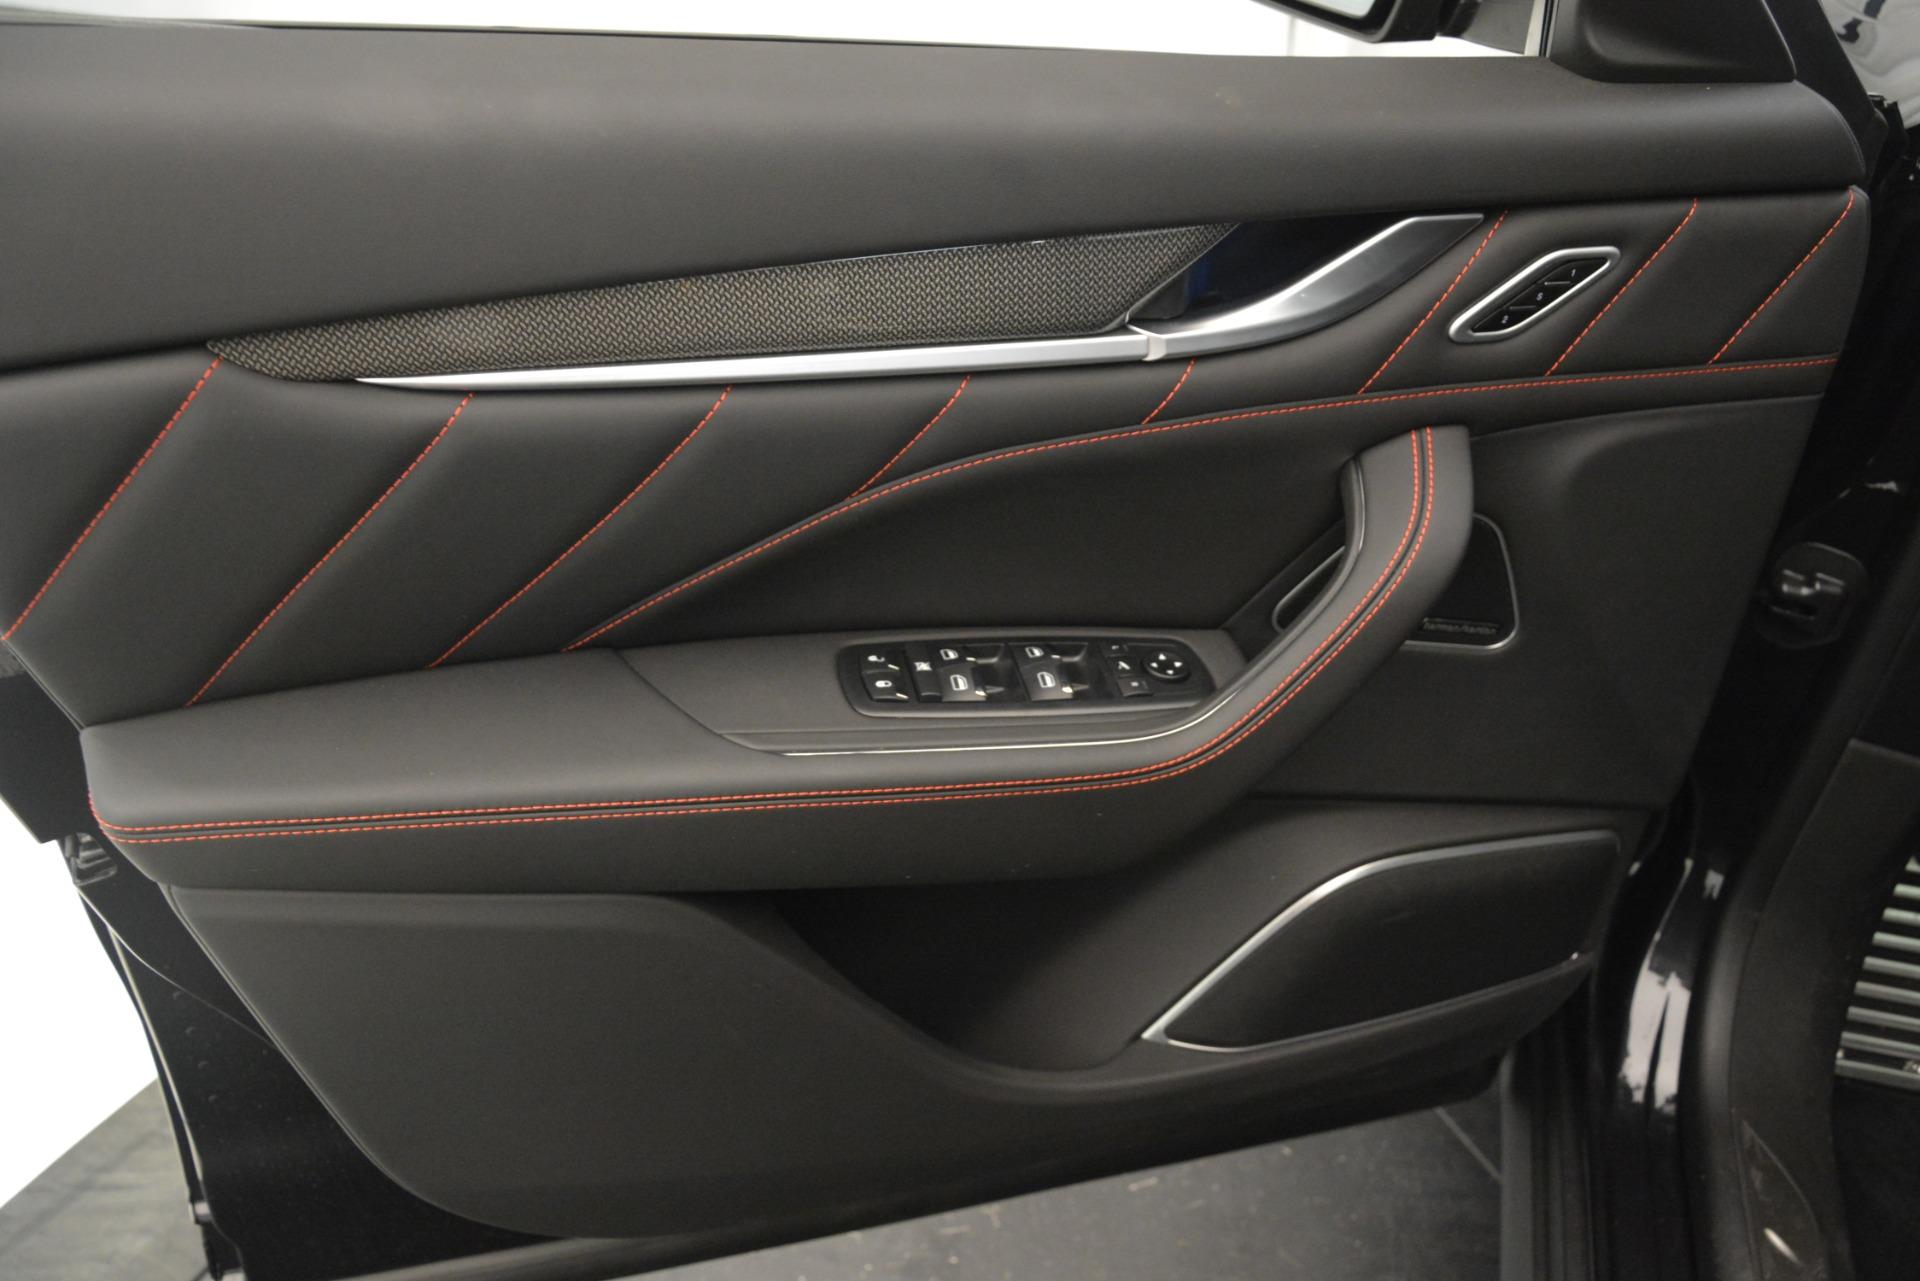 New 2019 Maserati Levante SQ4 GranSport Nerissimo For Sale 105130 In Greenwich, CT